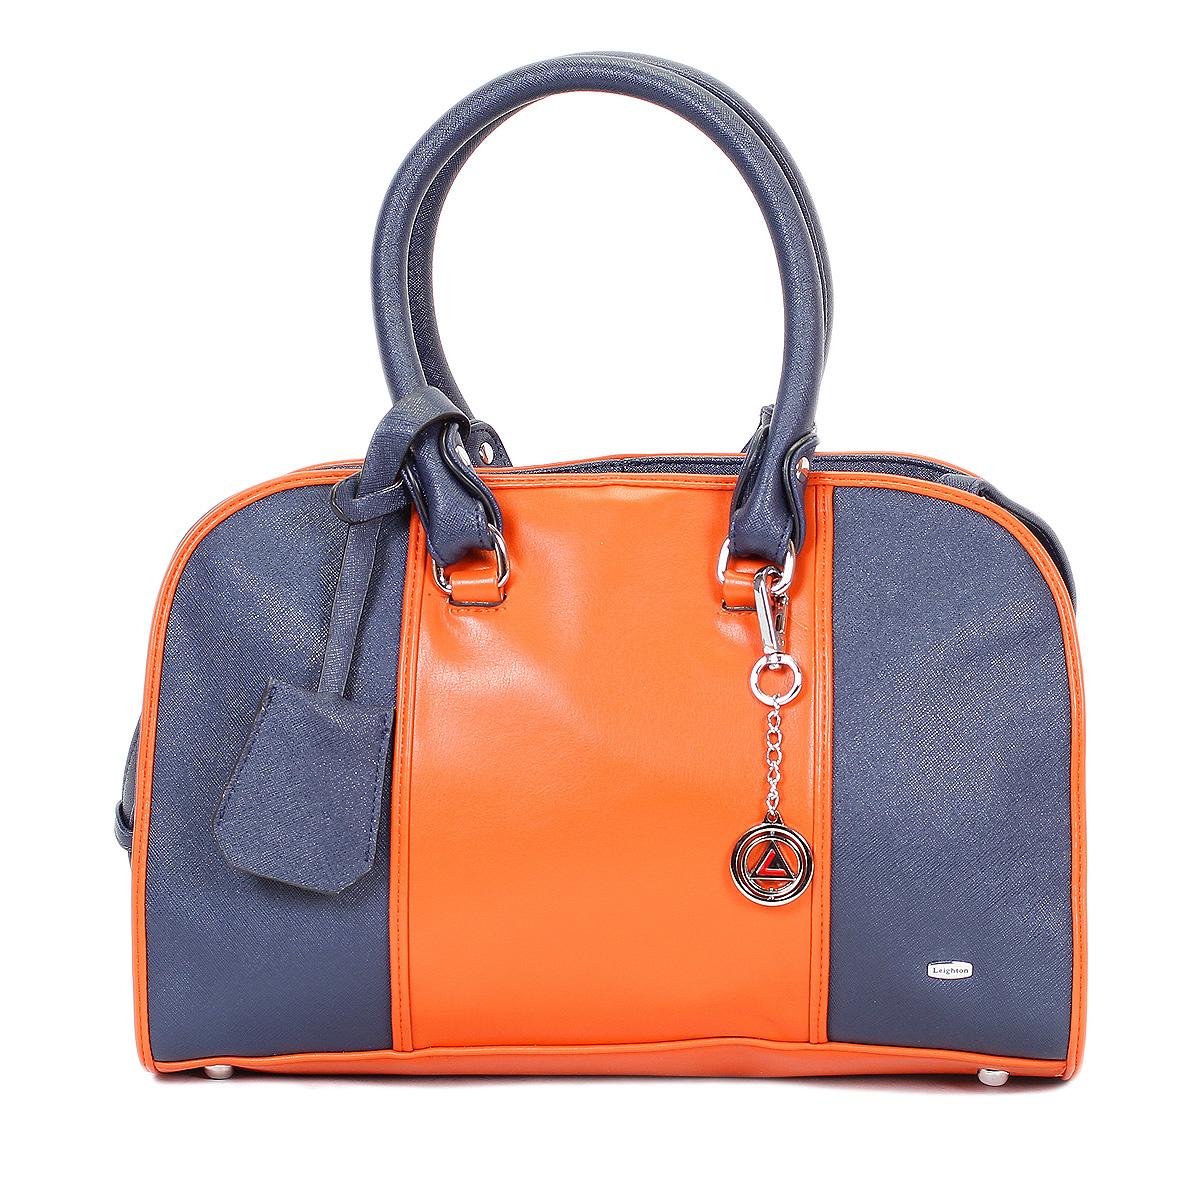 Сумка женская Leighton, цвет: синий, оранжевый. 570353-3769/4/1166/813570353-3769/4/1166/813Стильная сумка Leighton выполнена из искусственной кожи с фактурной поверхностью и оформлена вставками из кожи контрастного цвета. Сумка имеет одно отделение, закрывающееся на застежку-молнию. Внутри располагается вшитый карман на застежке-молнии, образующий дополнительное малое отделение, а также два открытых кармана для мелочей и один прорезной карман на молнии. На задней стороне сумки имеется прорезной карман на молнии. Сумка оснащена двумя удобными ручками. Фурнитура выполнена из серебристого металла. По желанию сумку можно оформить входящей в комплект металлической подвеской с логотипом производителя. В комплекте чехол для хранения и съемный плечевой ремень. Сумка Leighton - это практичный и модный аксессуар, который станет функциональным дополнением к любому стилю. Блестящий дизайн сумки, сочетающий классические формы с оригинальным оформлением, позволит вам подчеркнуть свою индивидуальность и сделает ваш образ изысканным и завершенным.